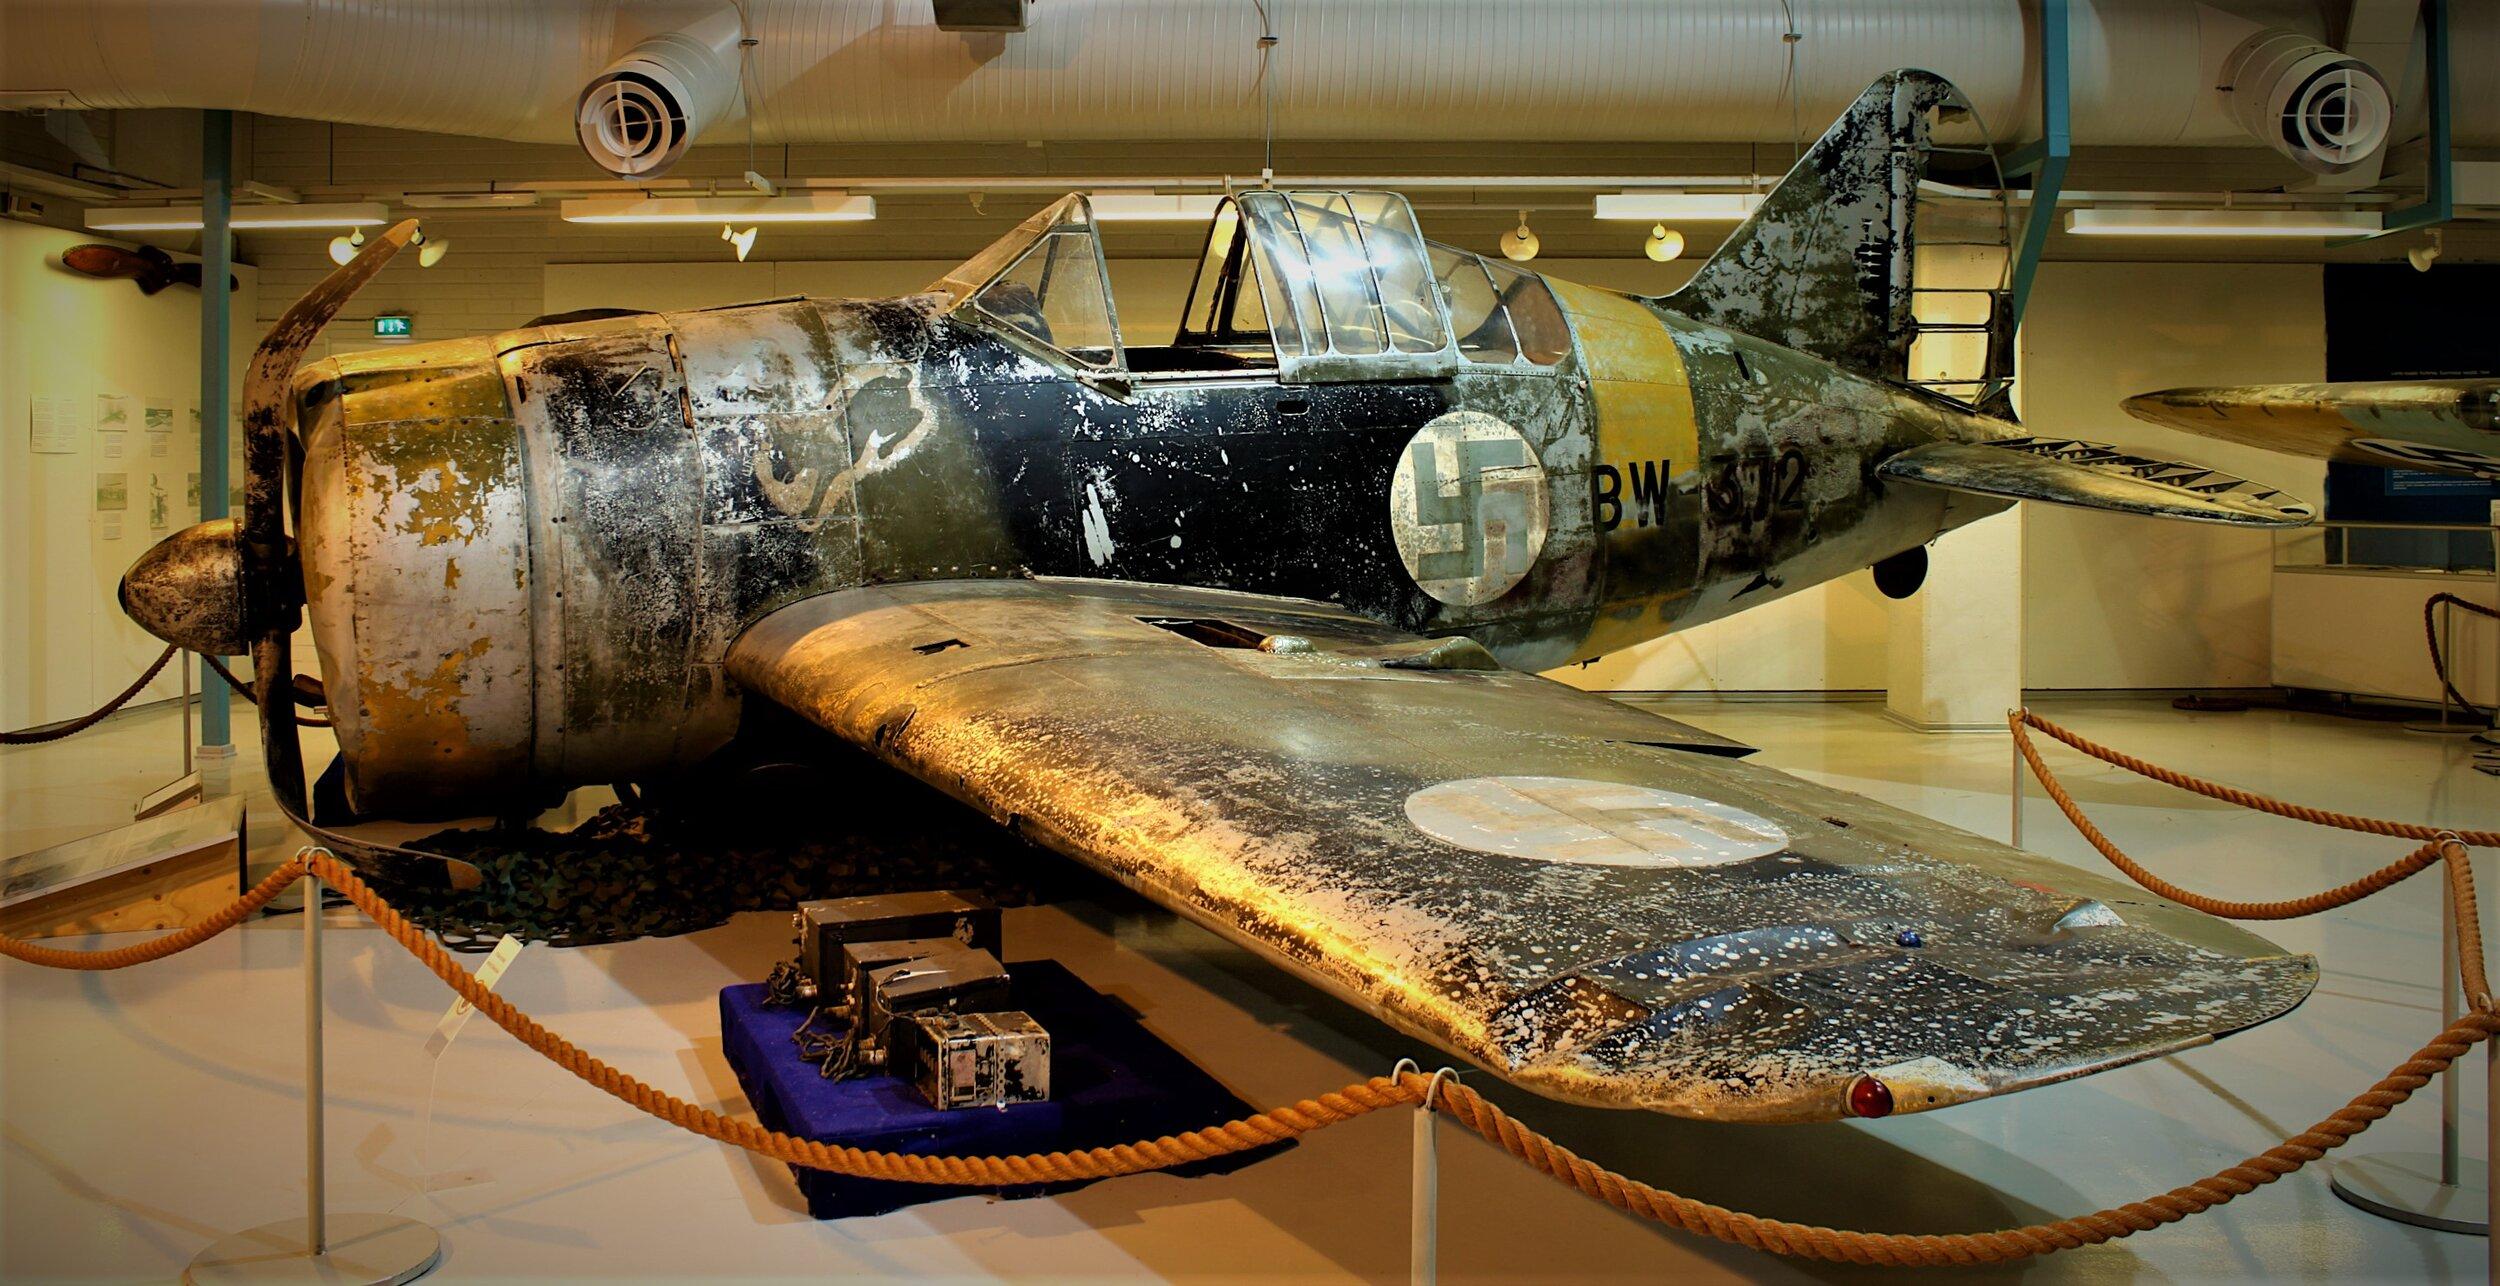 Brewster Buffalo F2A BW-372 utstilt eksakt slik det så ut når det ble hentet opp av et vann i Russland, på det finske luftforsvarsmuseet